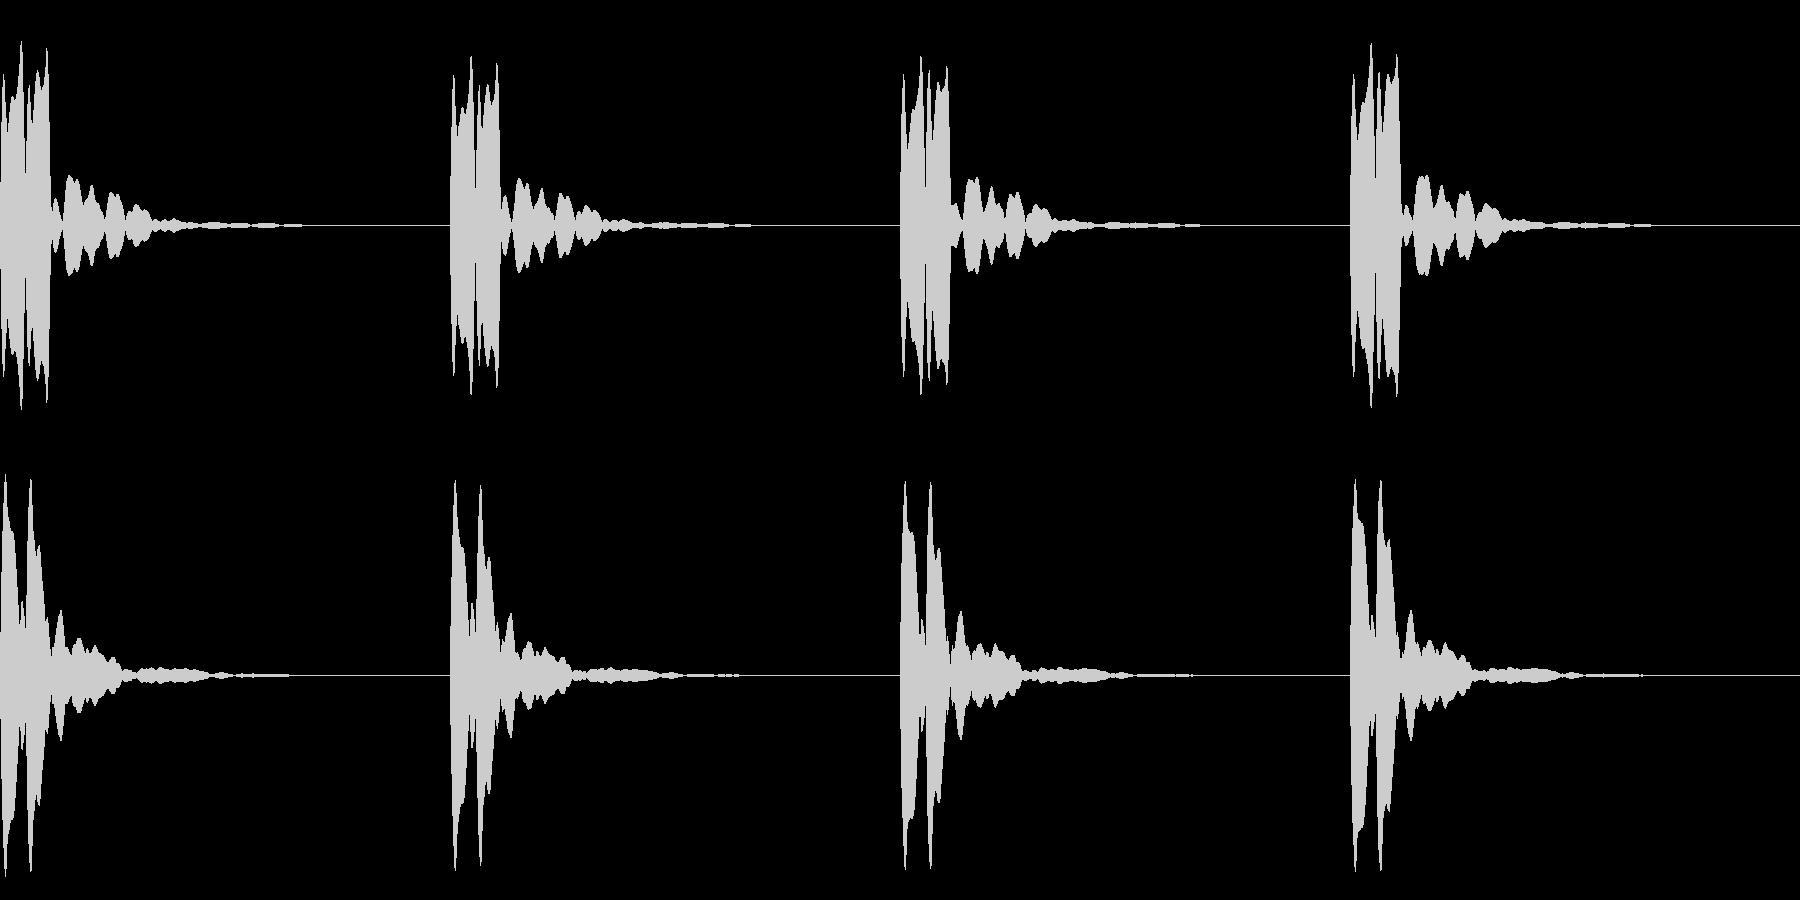 横断歩道 誘導音03-3(ループ) の未再生の波形